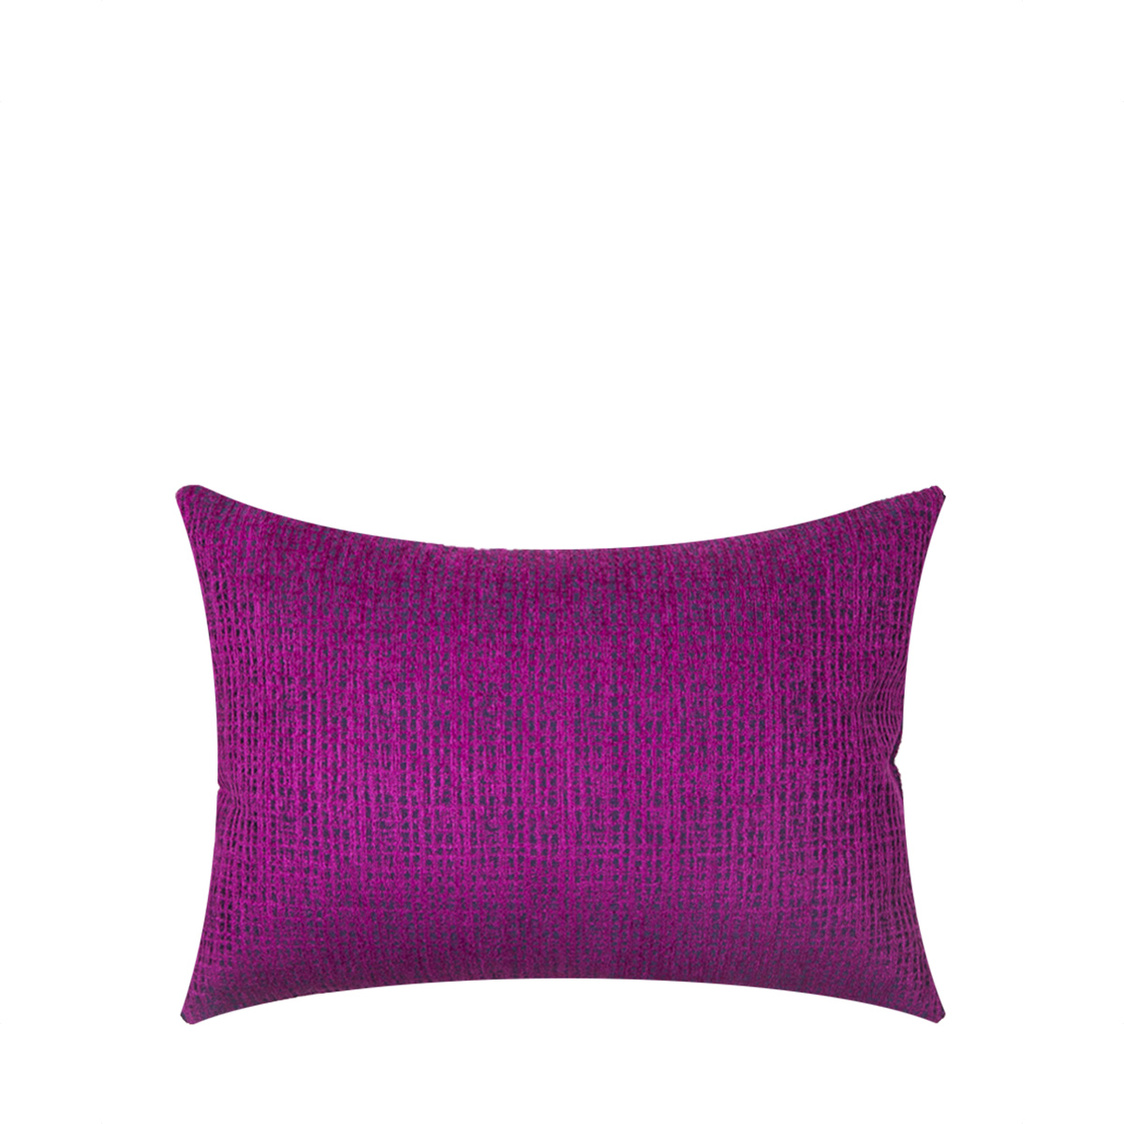 JRapee Lindie Oblong Cushion Fuchsia 33x48cm